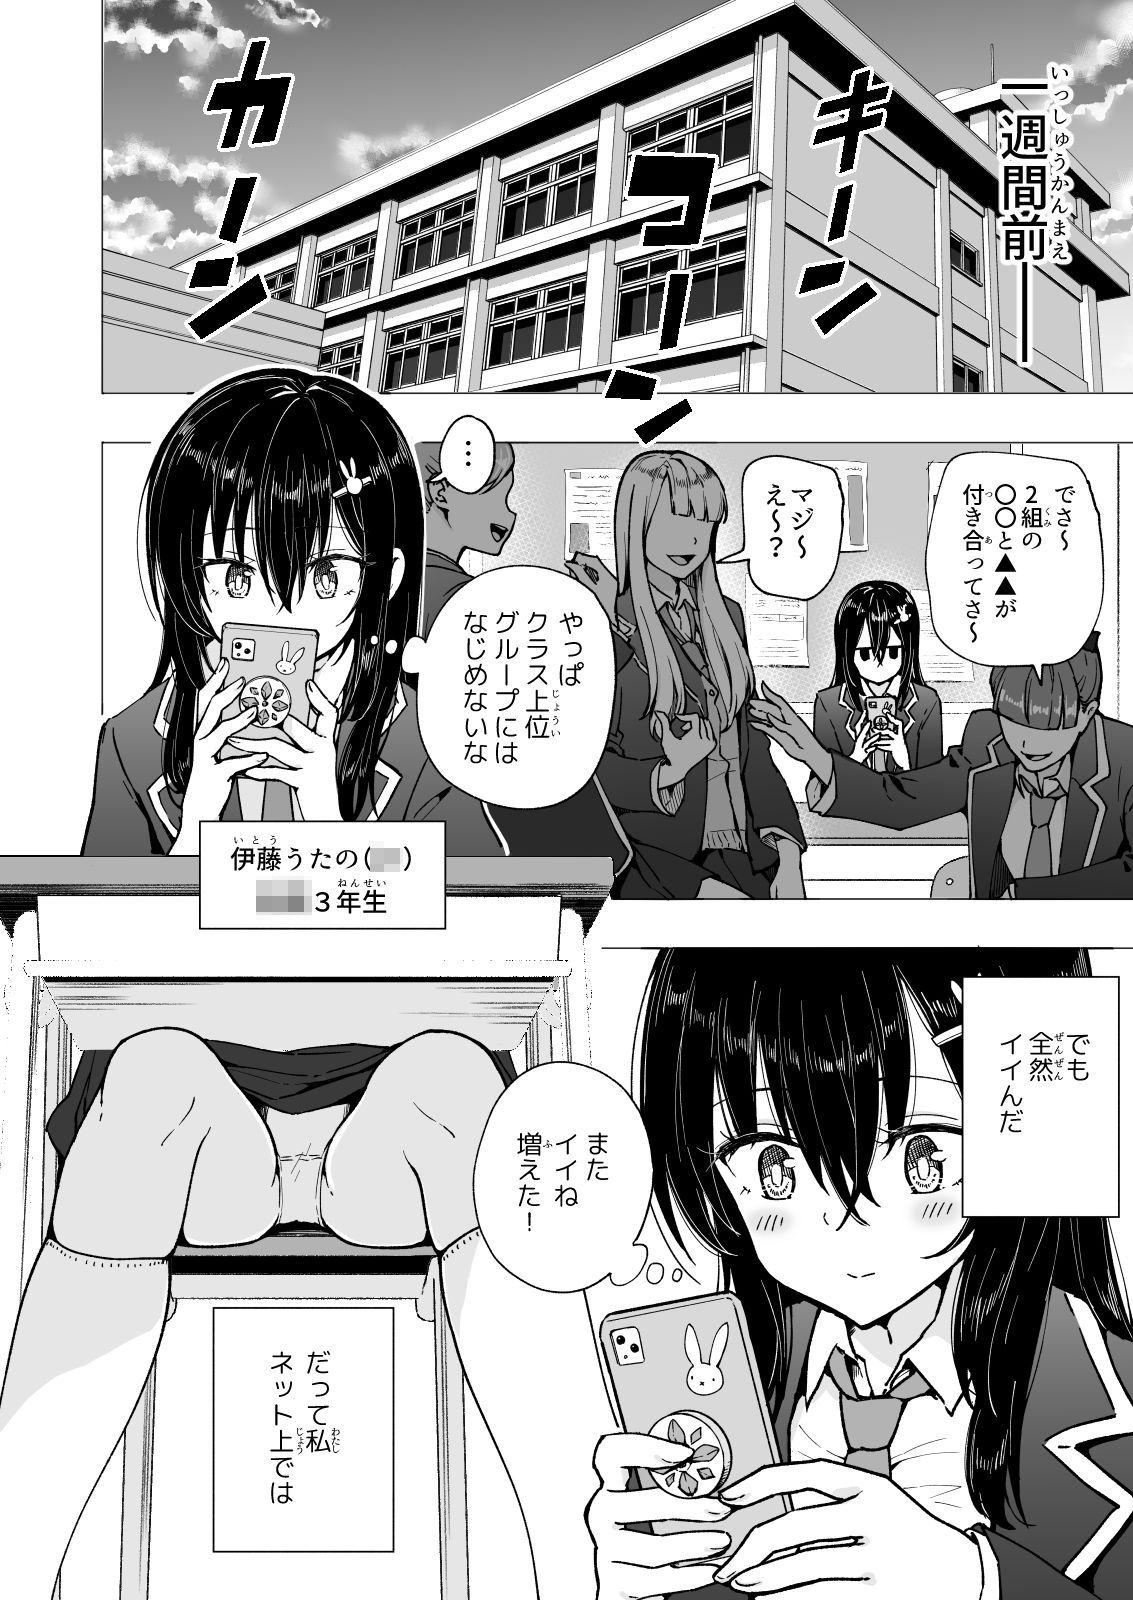 【エロ漫画】パパ活はじめました3~裏アカJK編(1)~18歳の少女が‥「サークル:かみか堂」【同人誌・コミック】#4